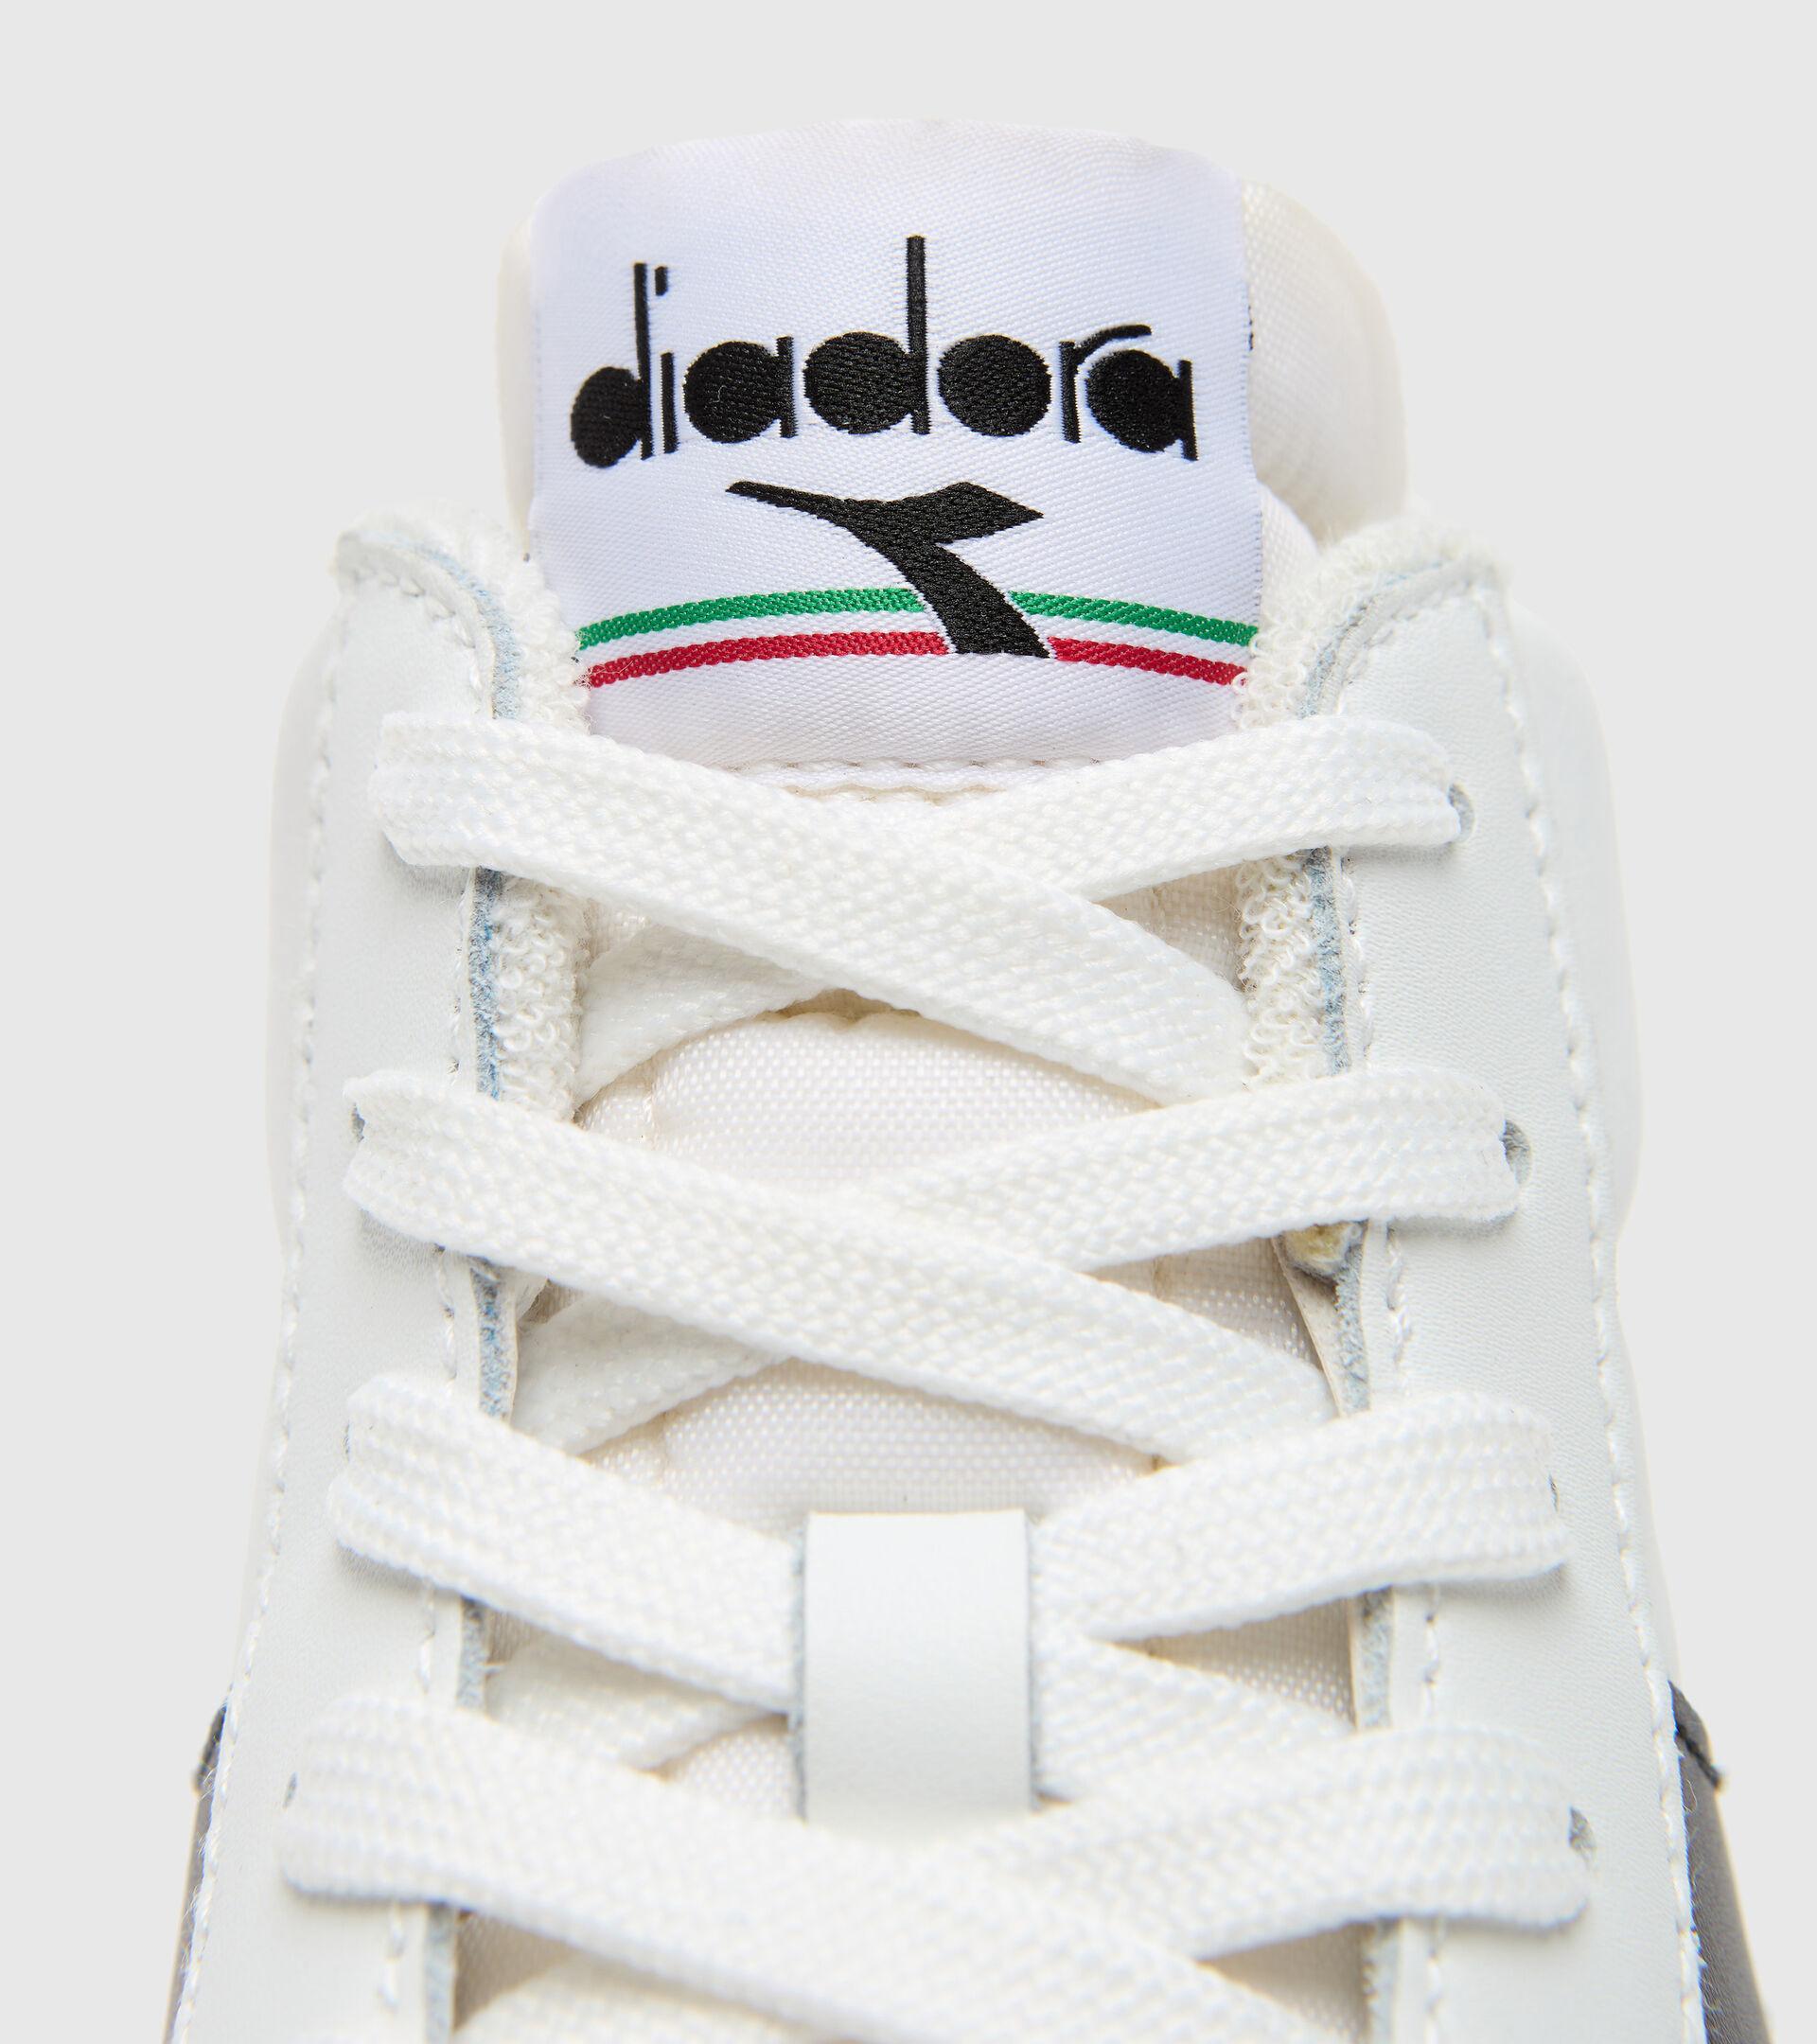 Footwear Sportswear UNISEX MELODY MID LEATHER DIRTY BLANCO/NEGRO Diadora